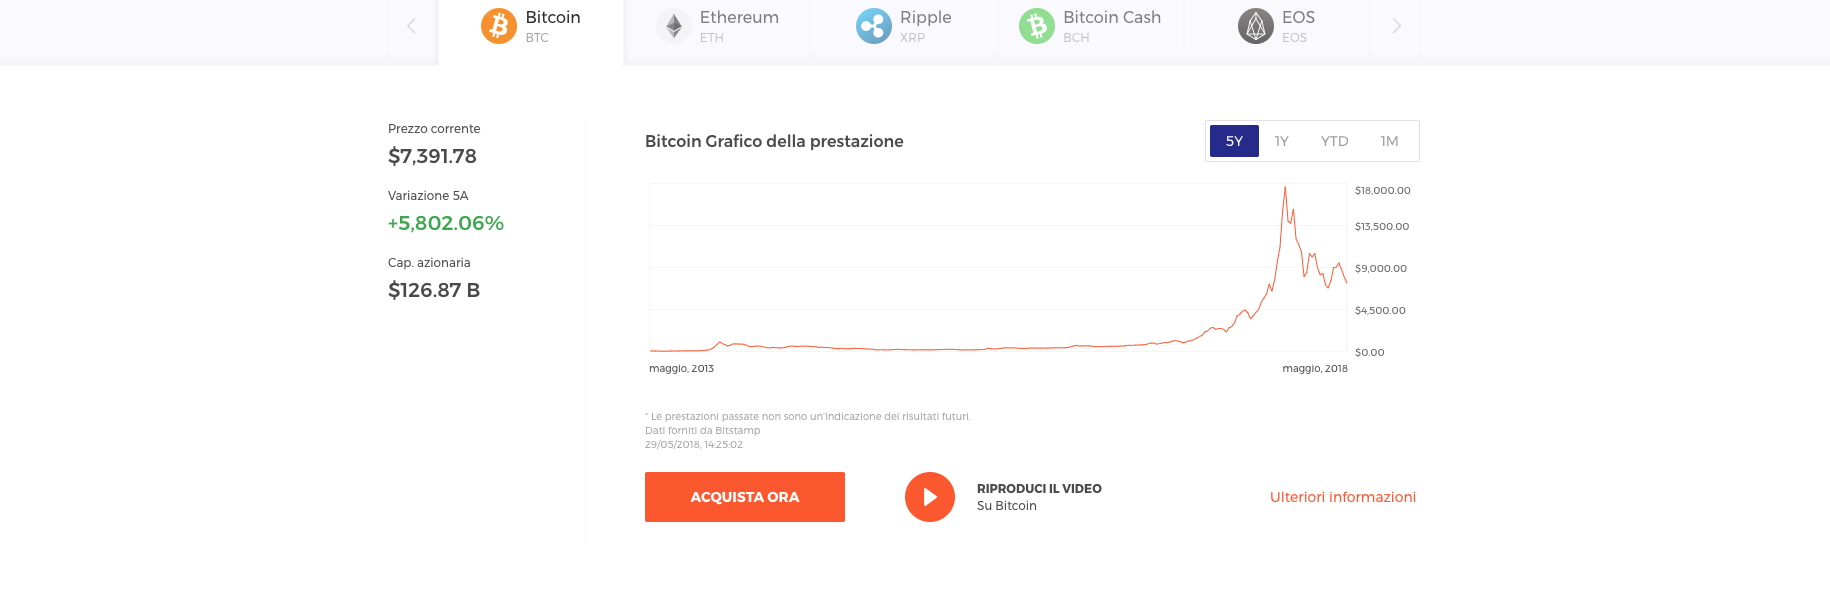 Guida Trading Bitcoin con iQ option: Grafica della prestazione Bitcoin